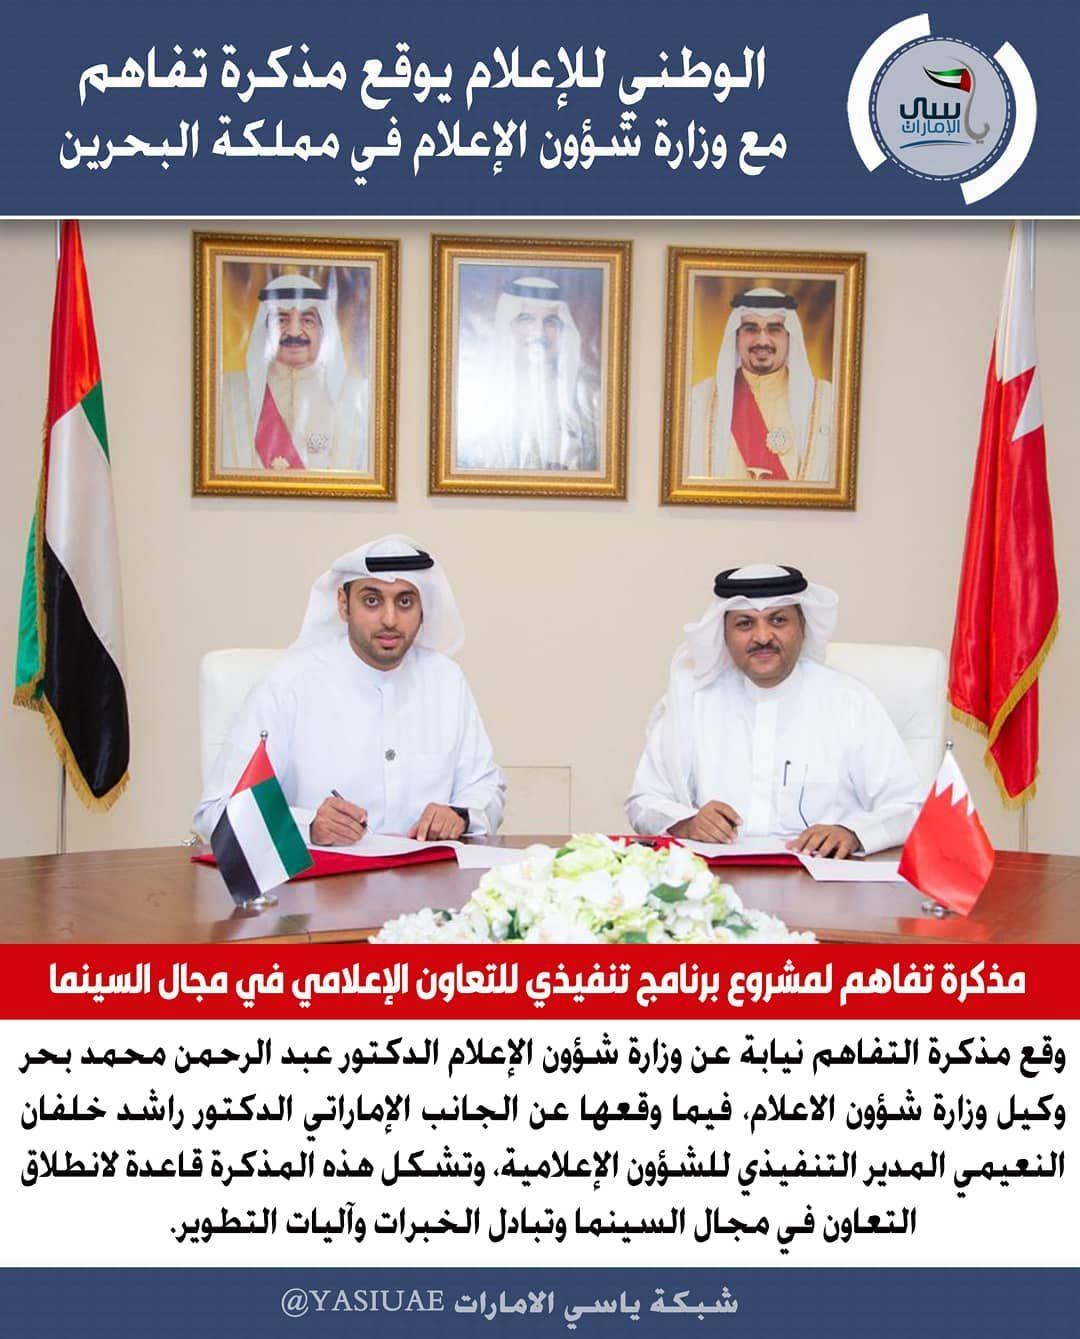 Nmcuae وقعت وزارة شؤون الإعلام في مملكة البحرين والمجلس الوطني للإعلام في دولة الإمارات العربية المتحدة الشقيقة اليوم بمقر الوزا Baseball Cards Lab Coat Cards